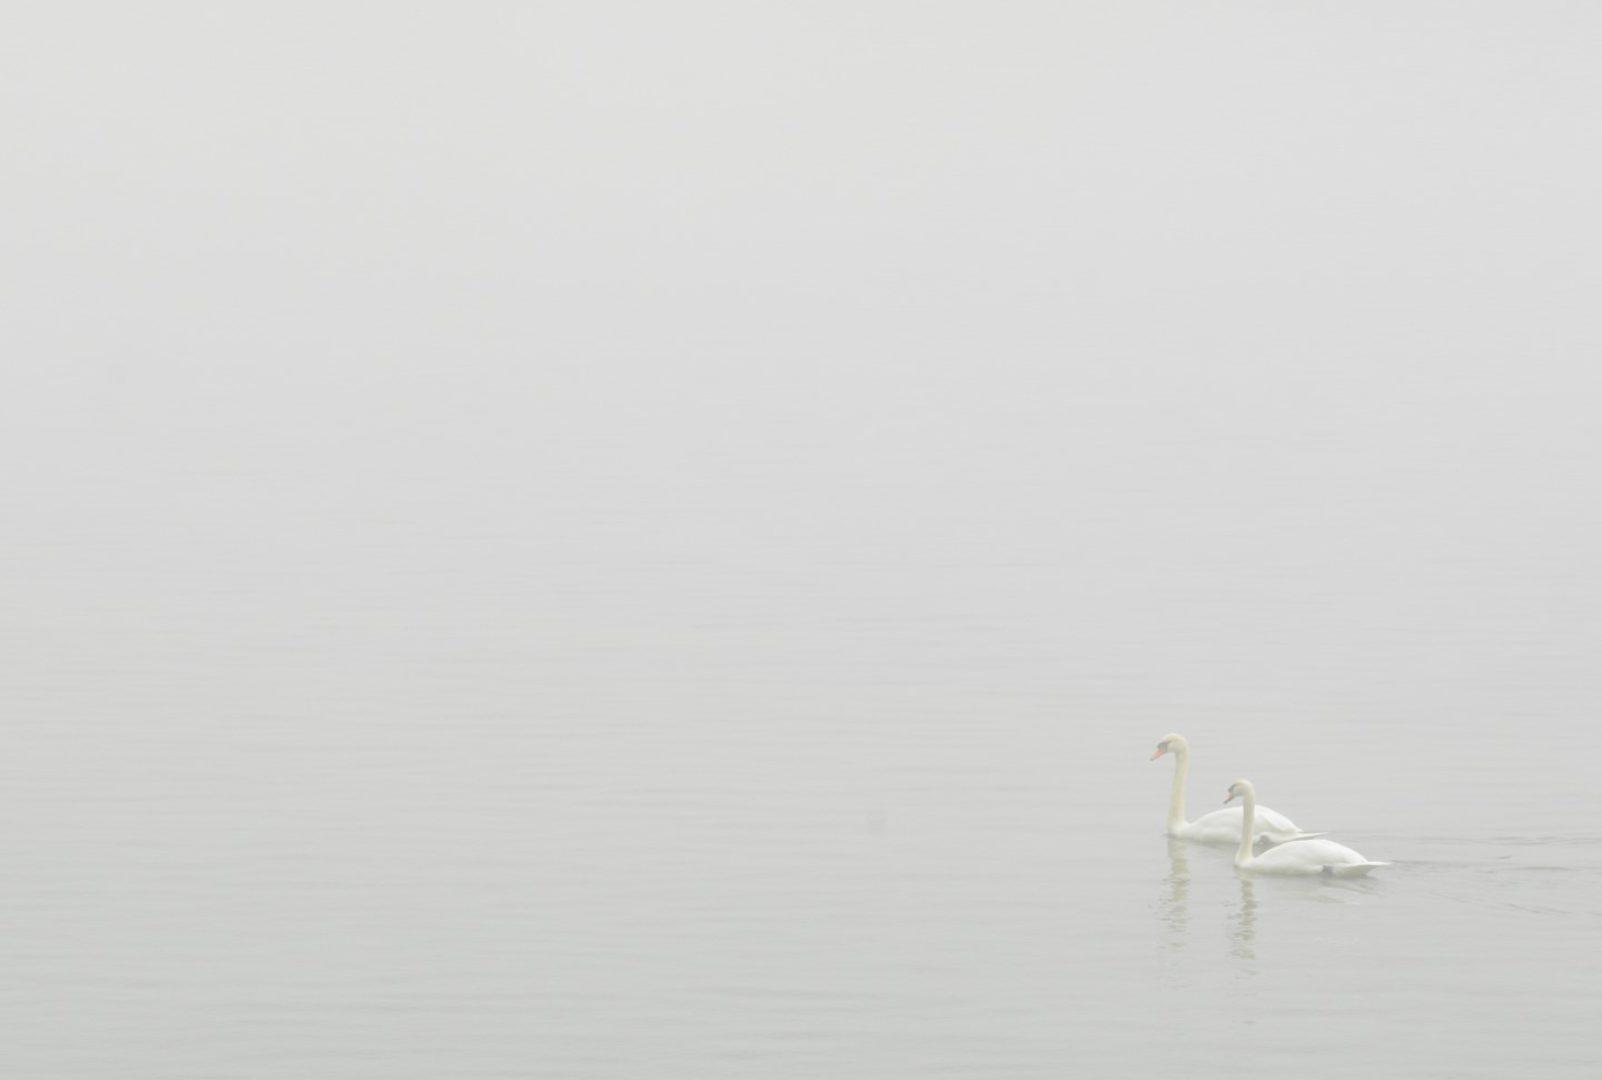 Foto: Michael Klein – Zweisamkeit